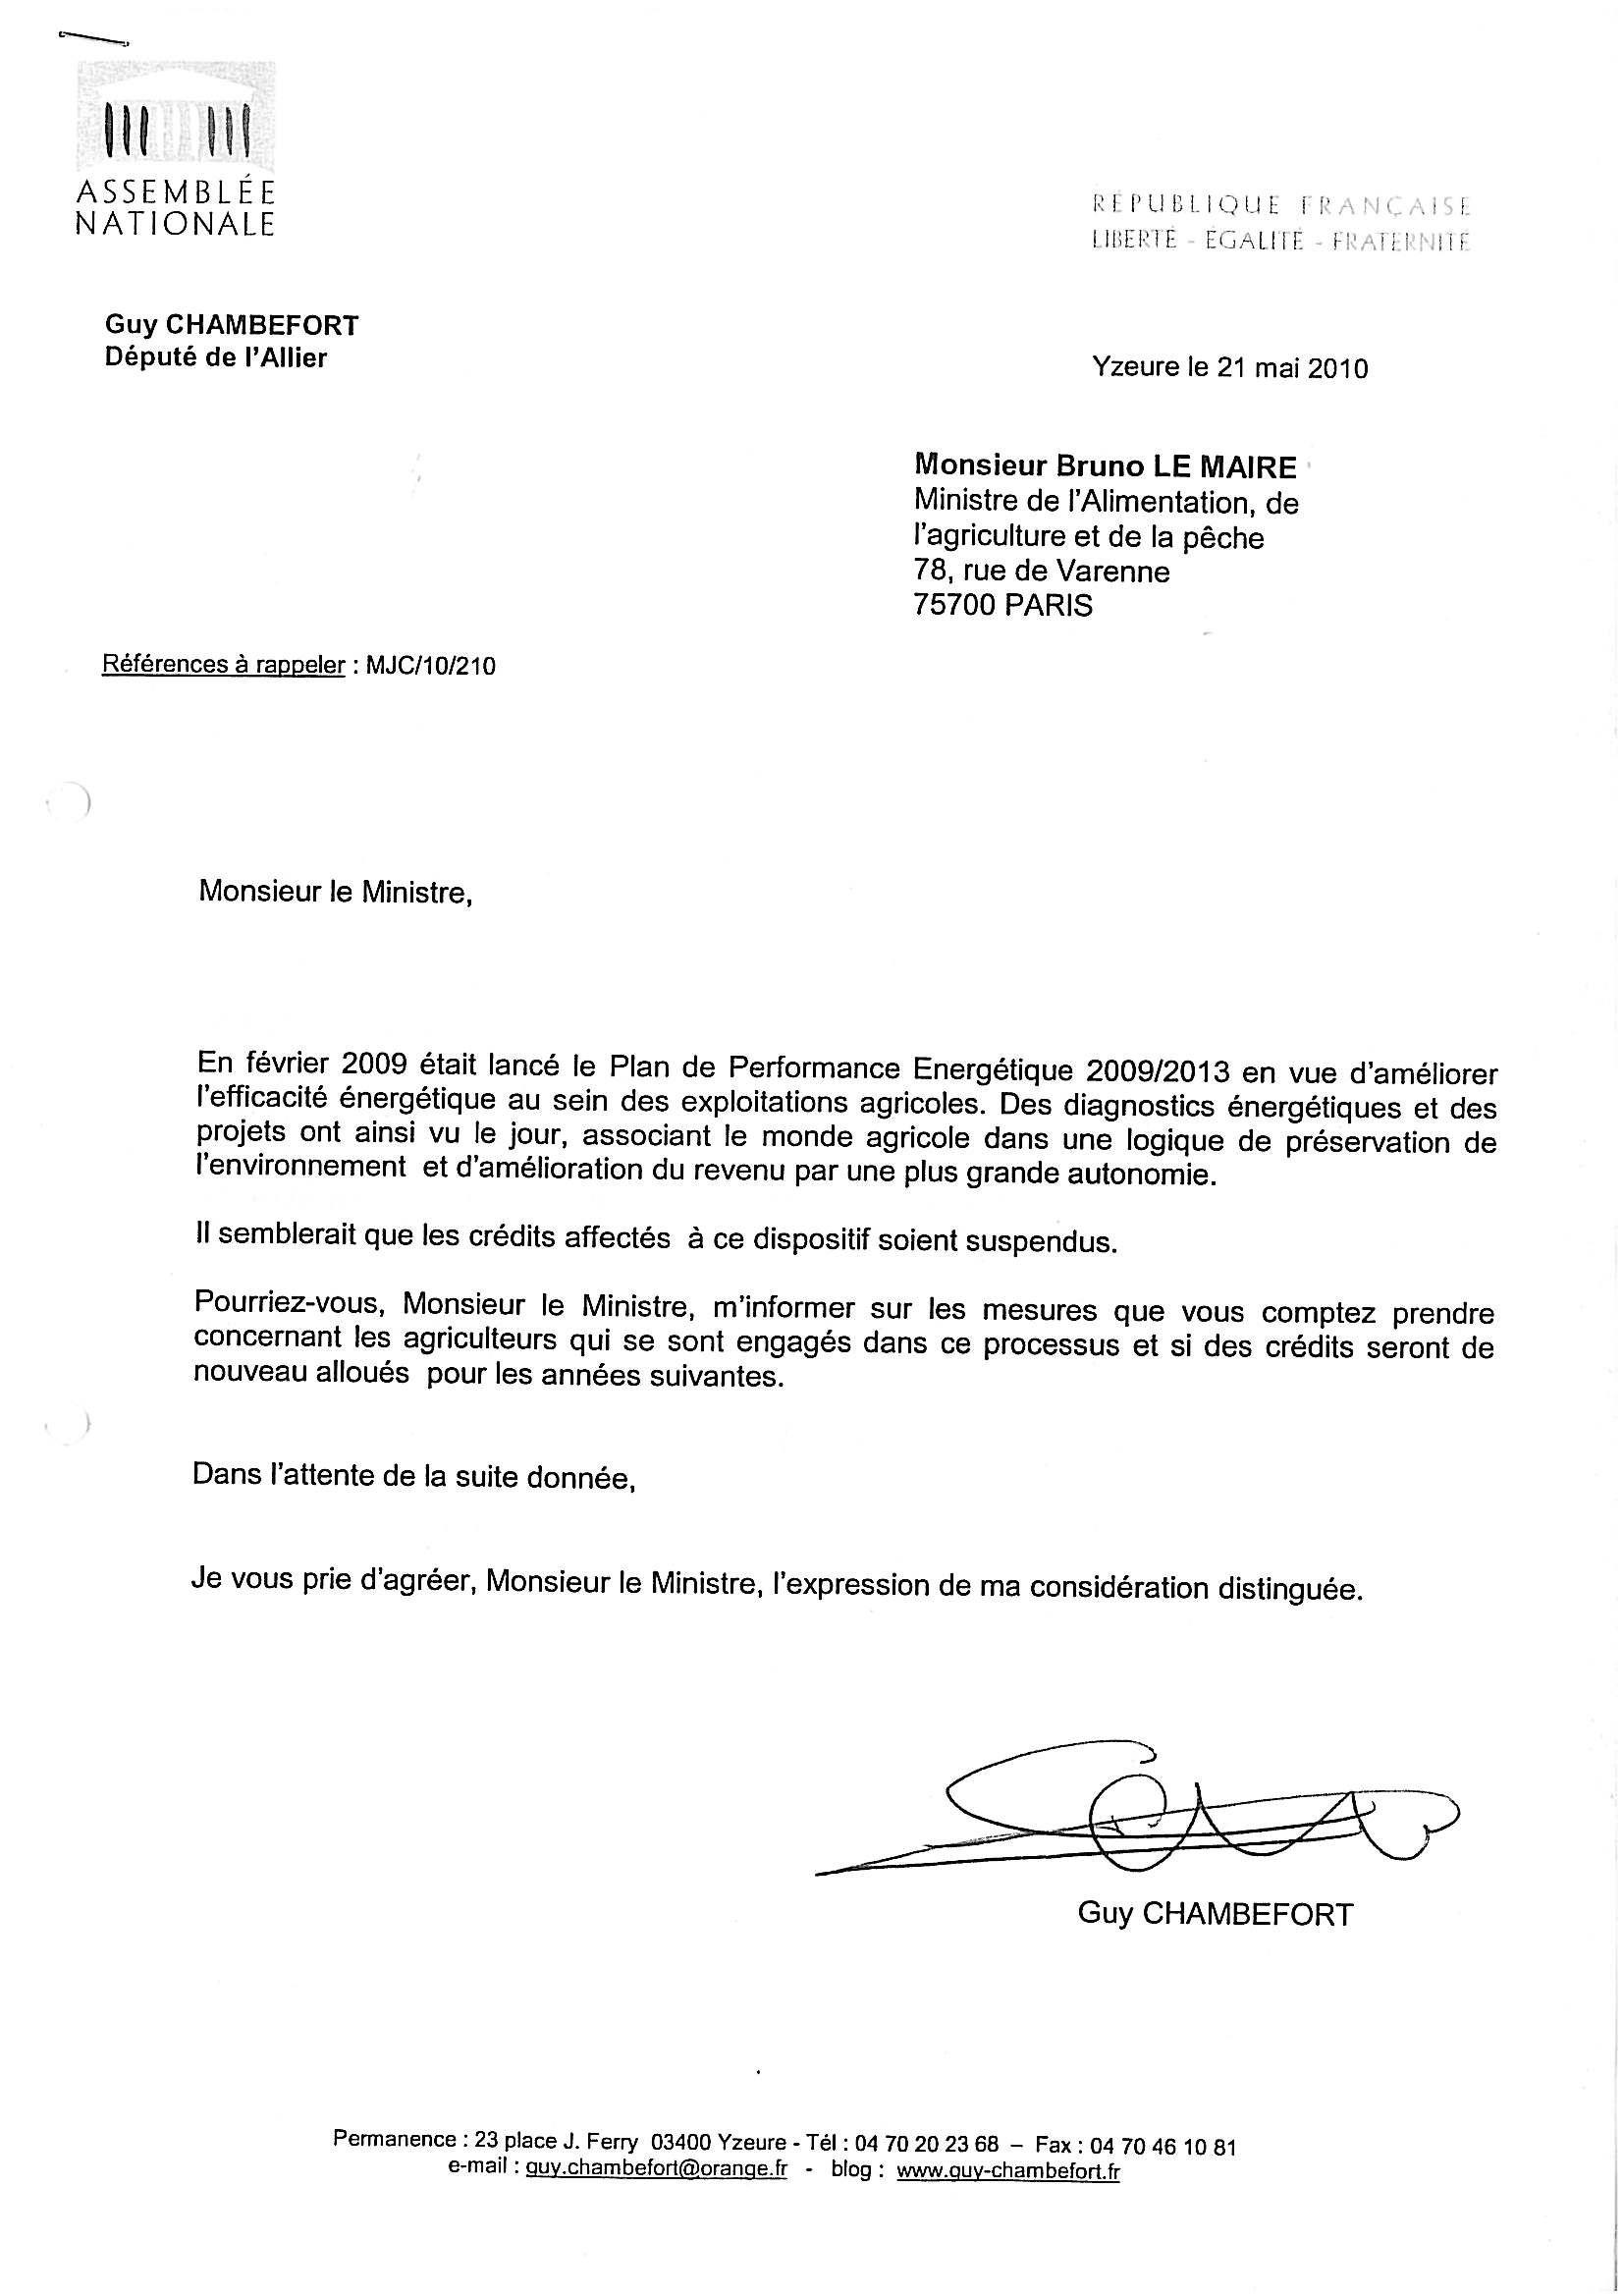 modele de lettre adressee a un maire Les dossiers de l'agriculture: Ministre de l'alimentation, de l  modele de lettre adressee a un maire